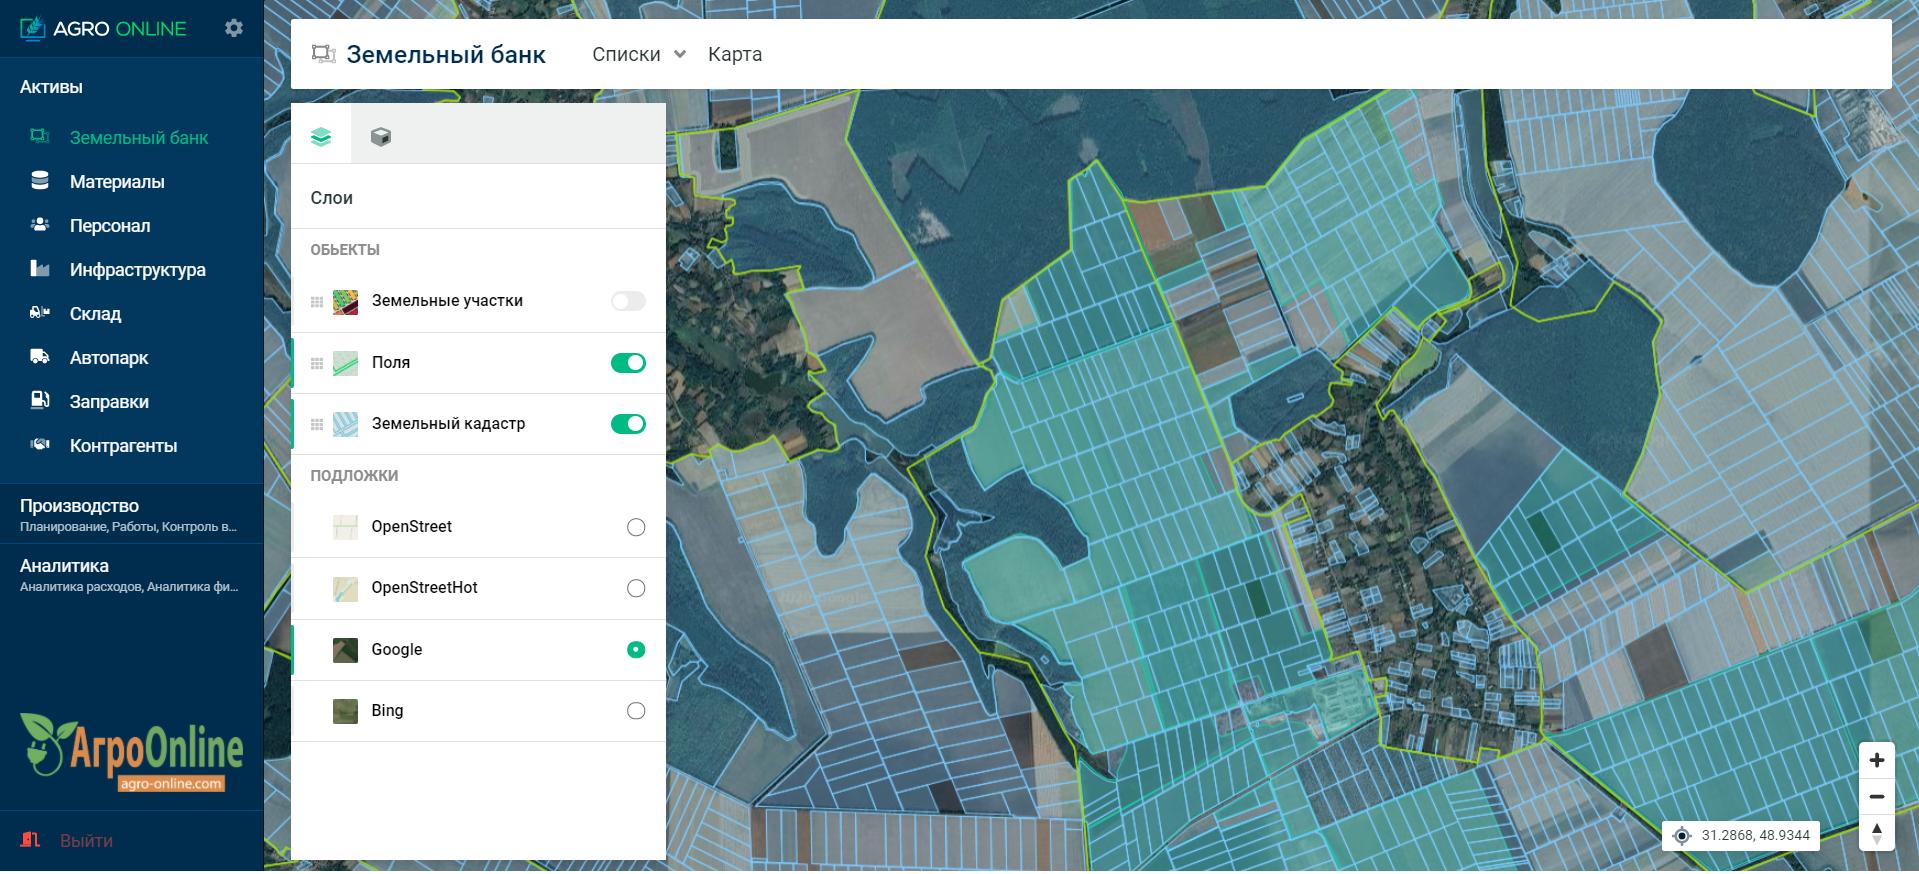 Відображення полів в системі з включенням кадастрової карти